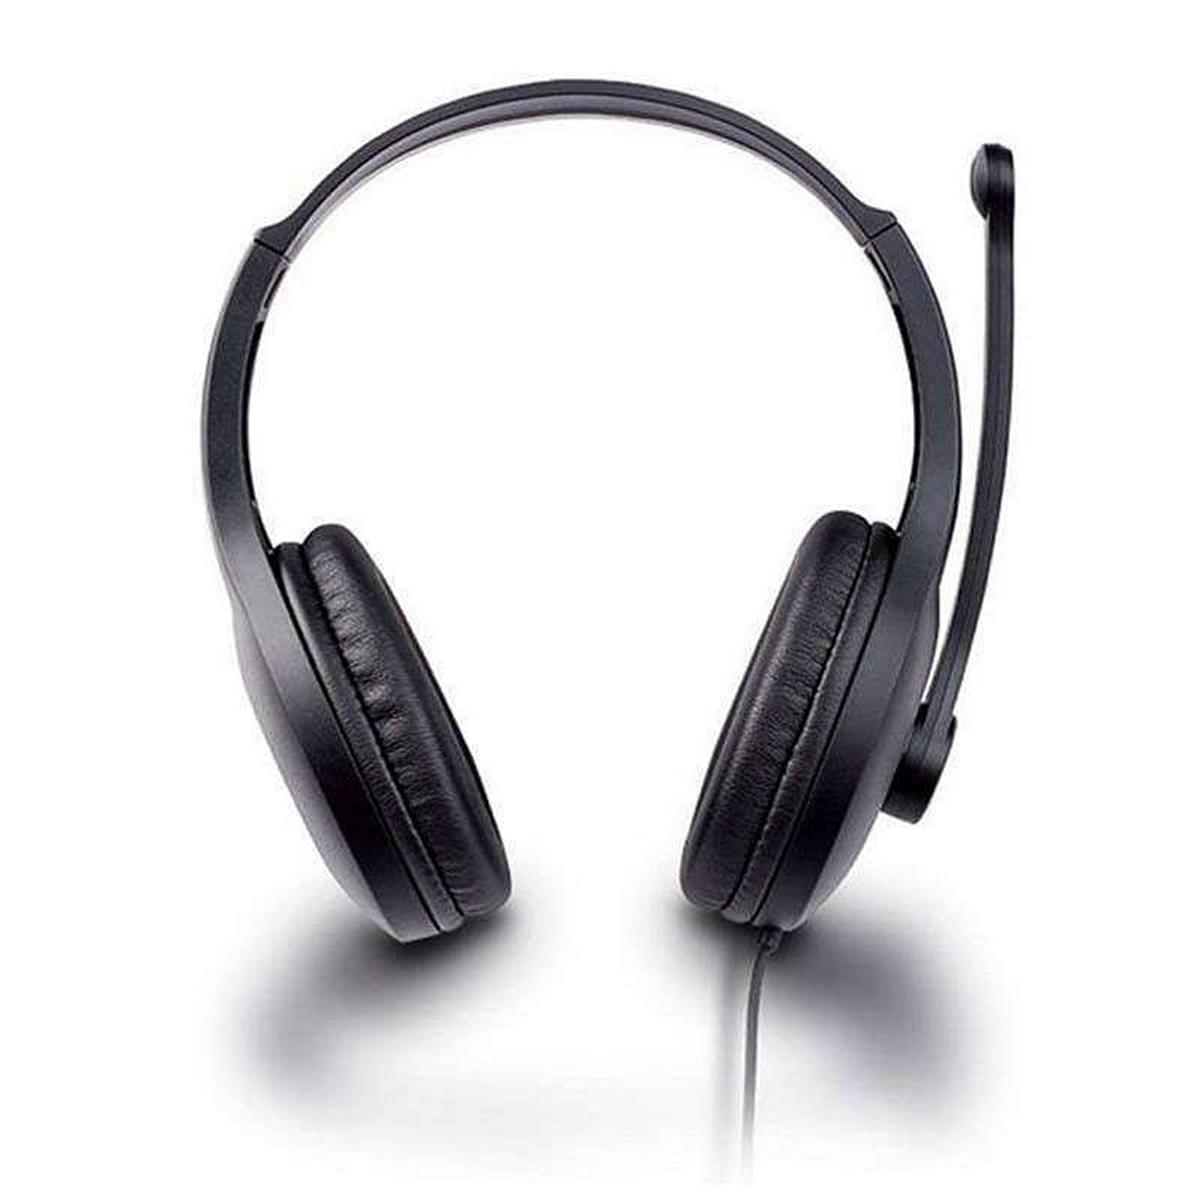 漫步者K800头戴式耳麦耳机(个)